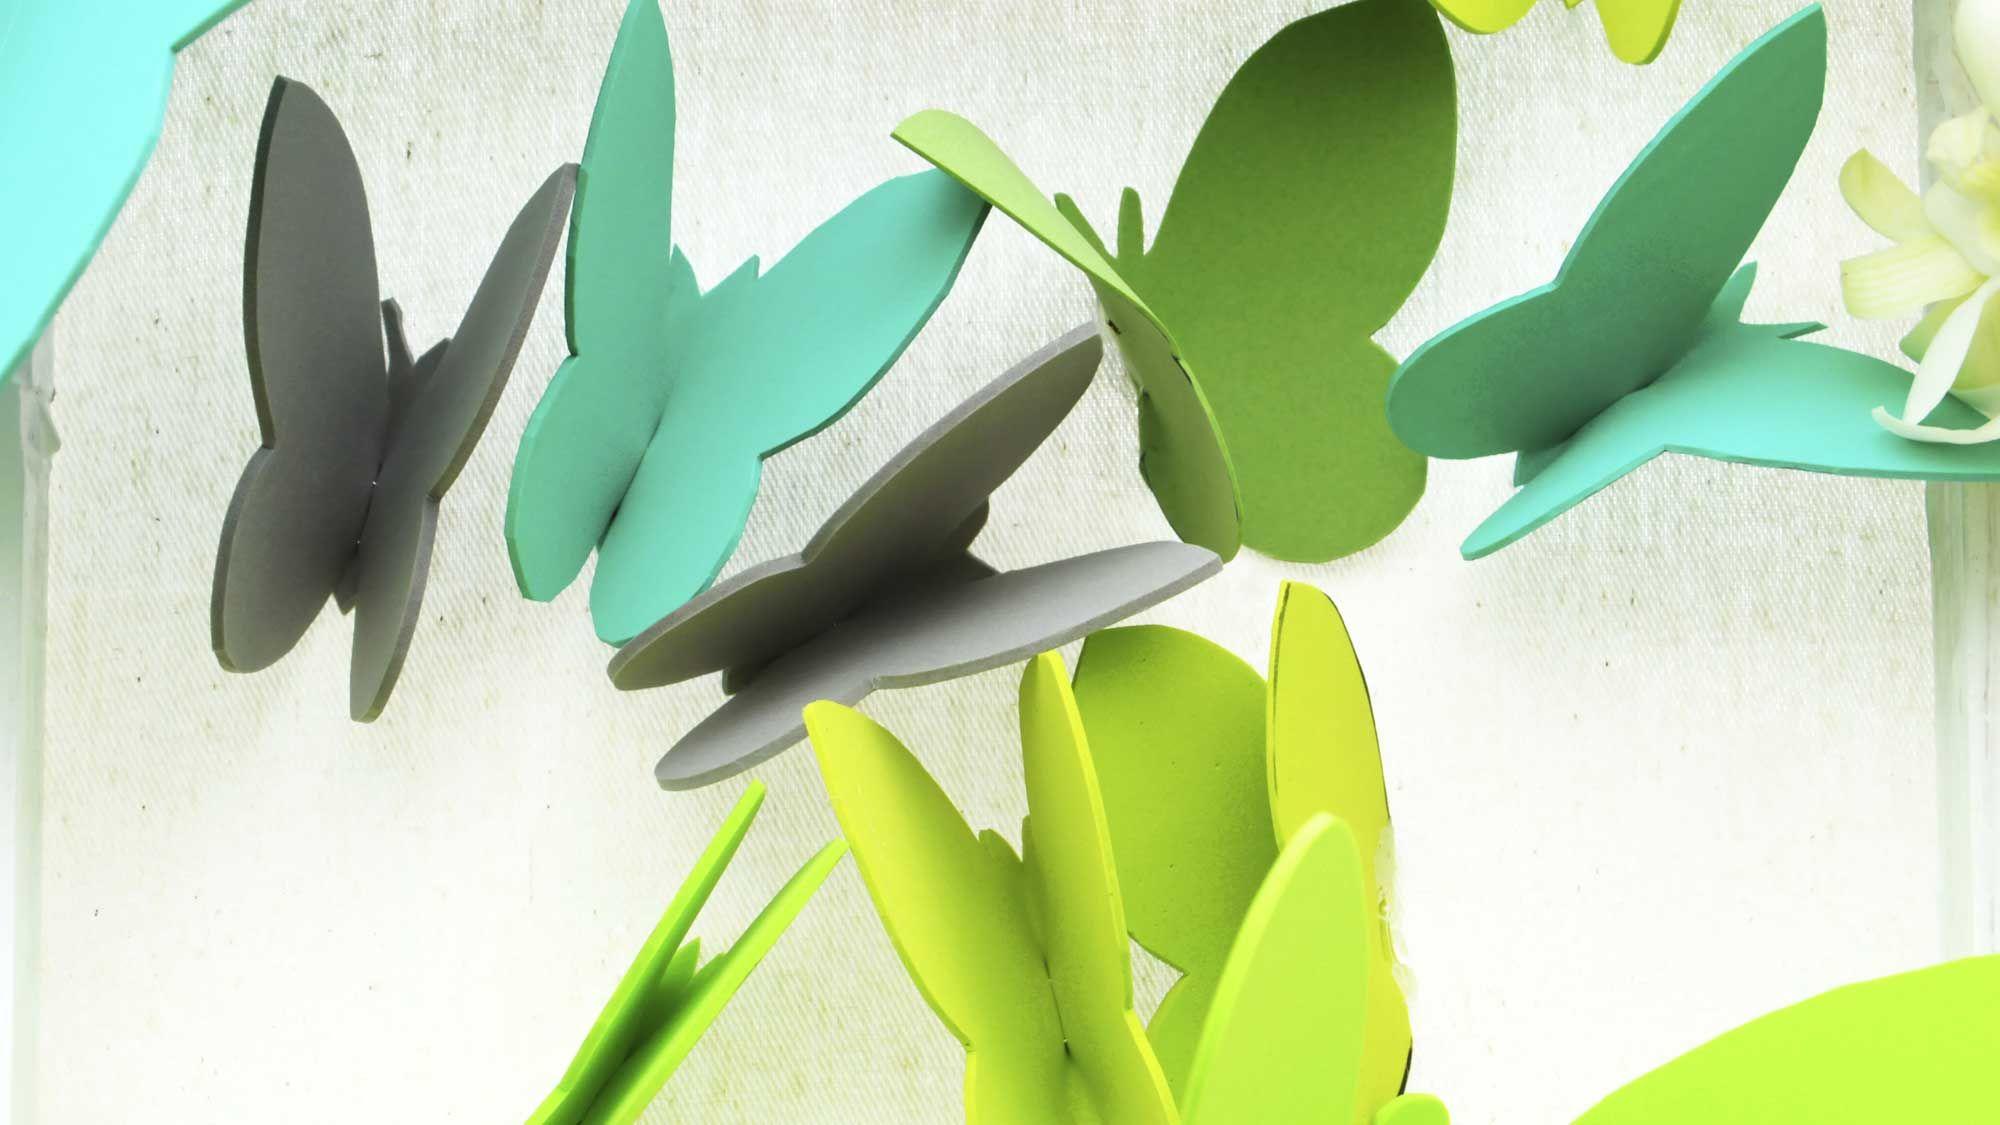 Papillons pour décorer le mur